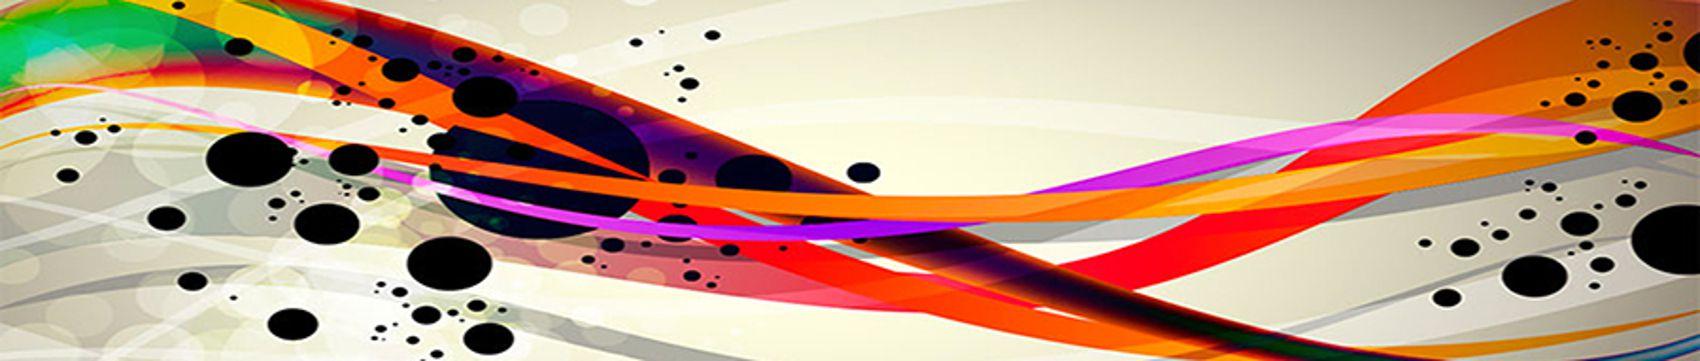 волны линии разноцветные